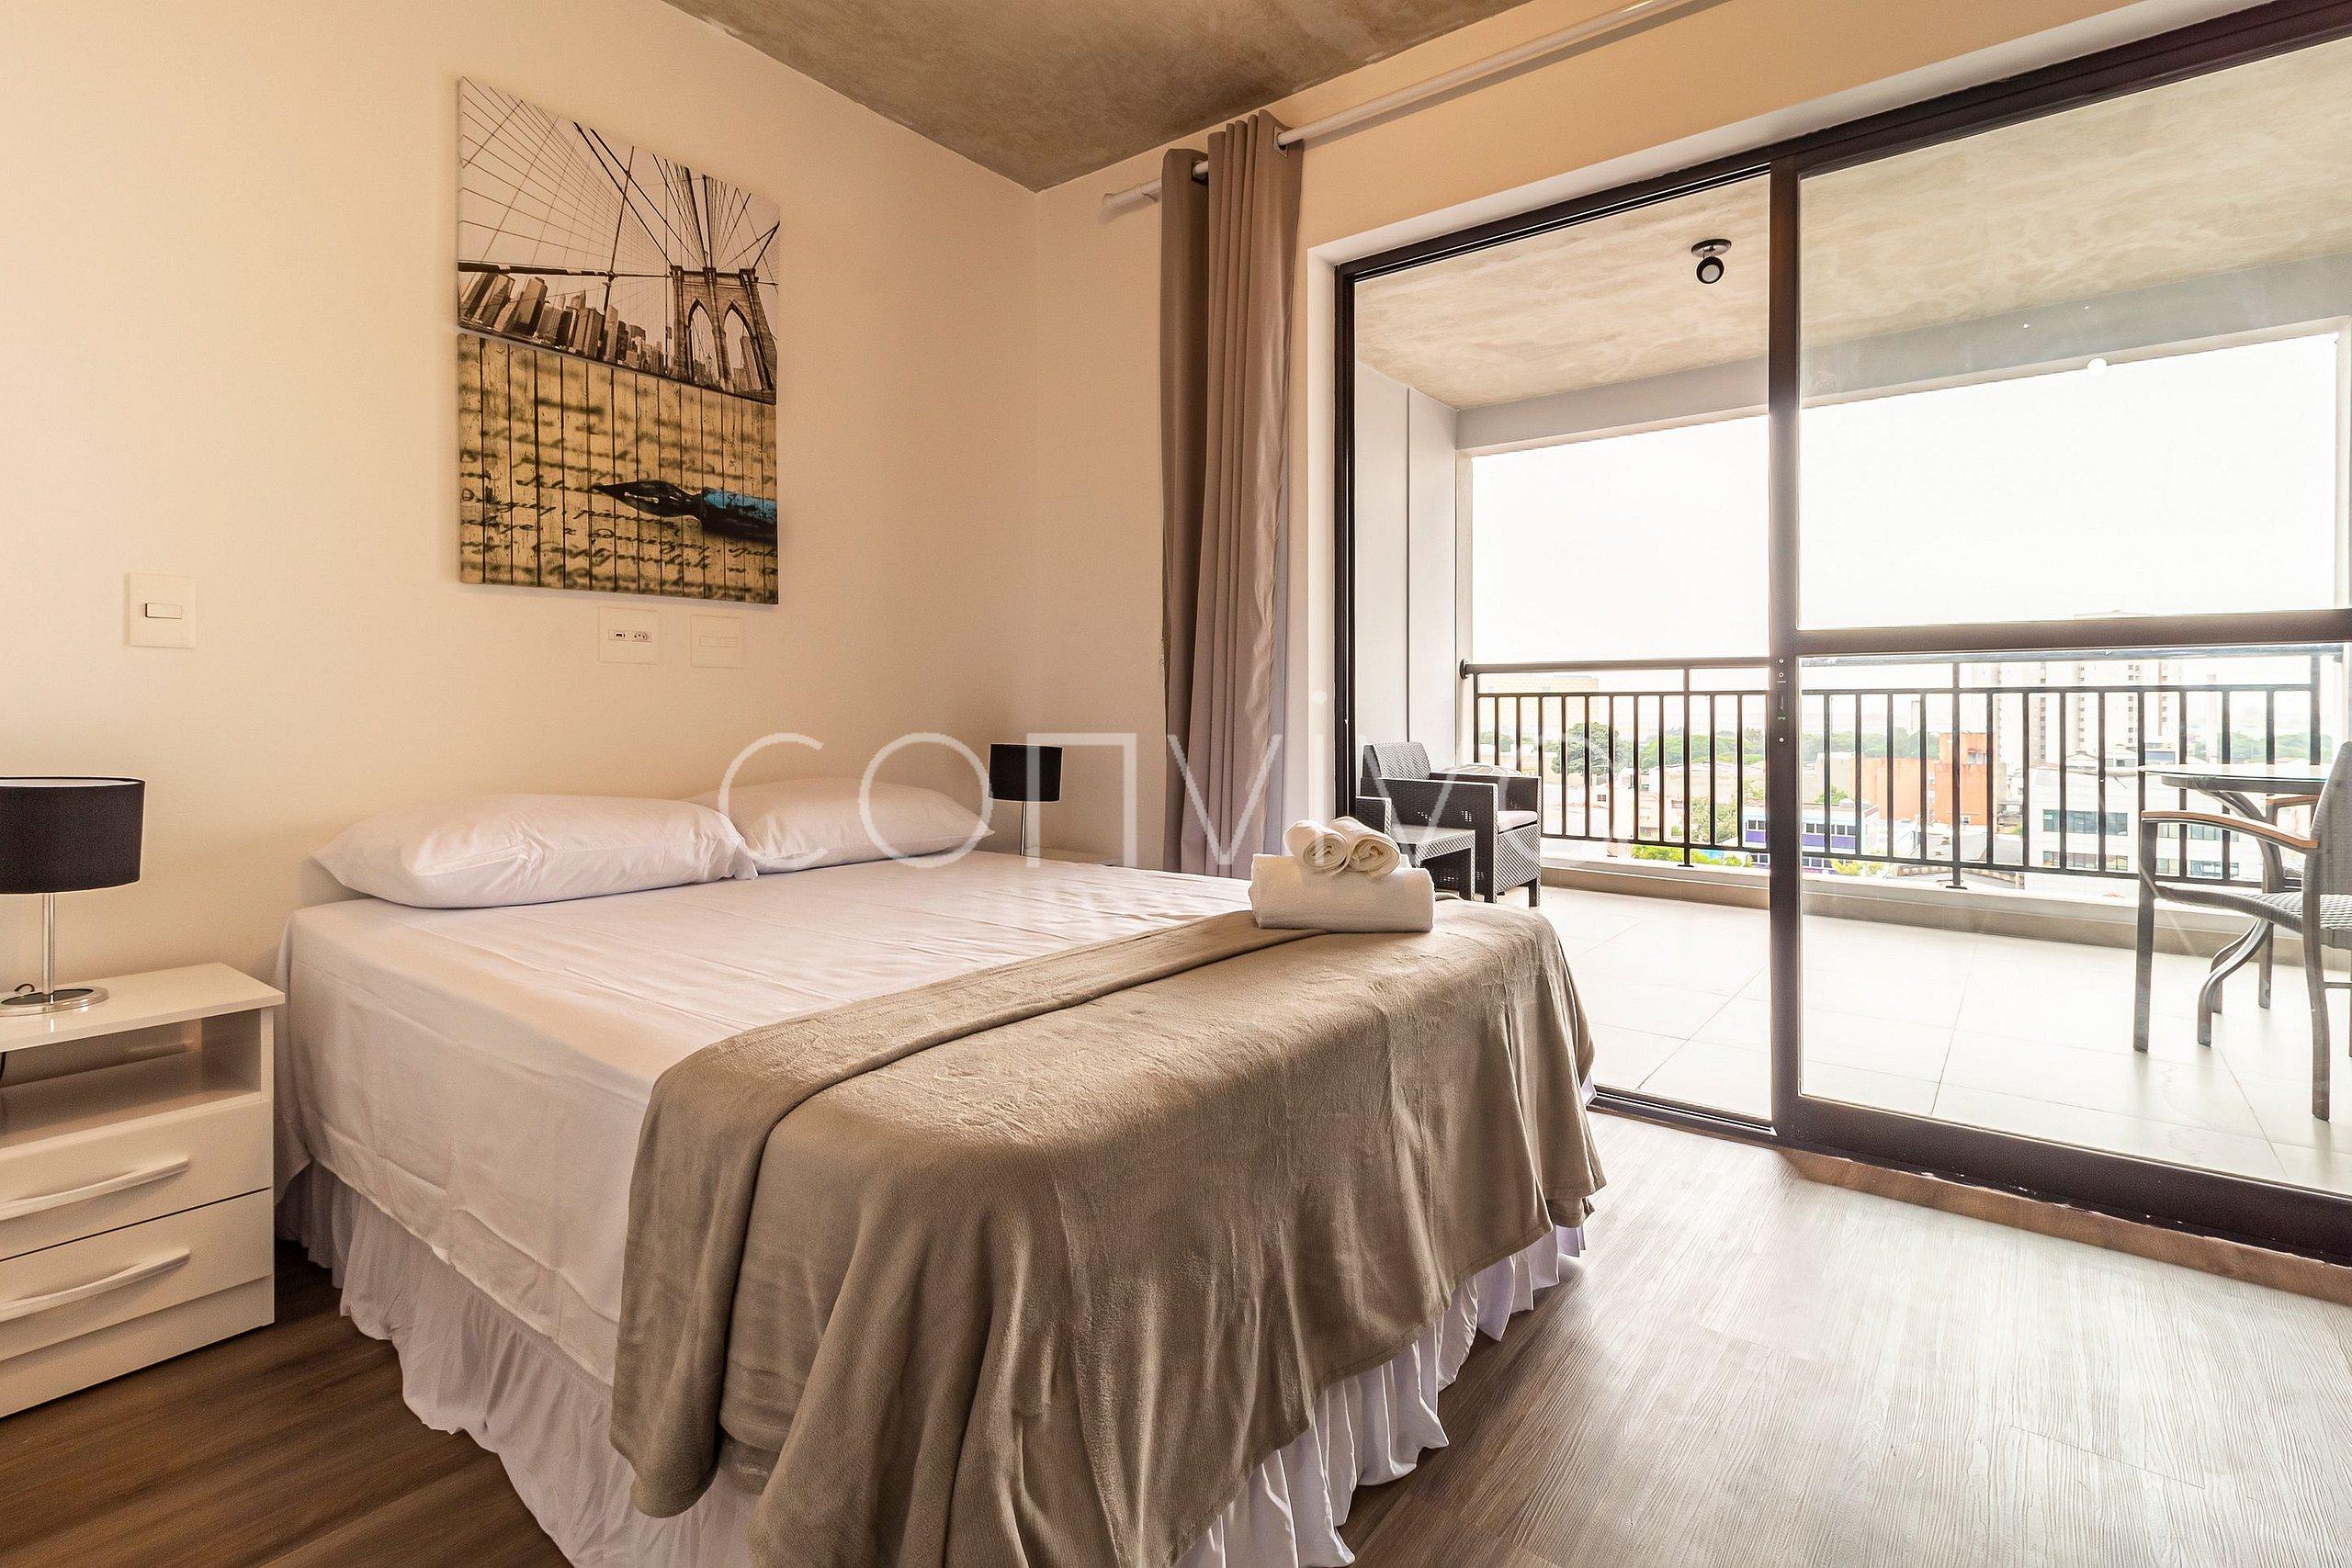 Vnbr803 Minimalist Apartment In Bom Retiro